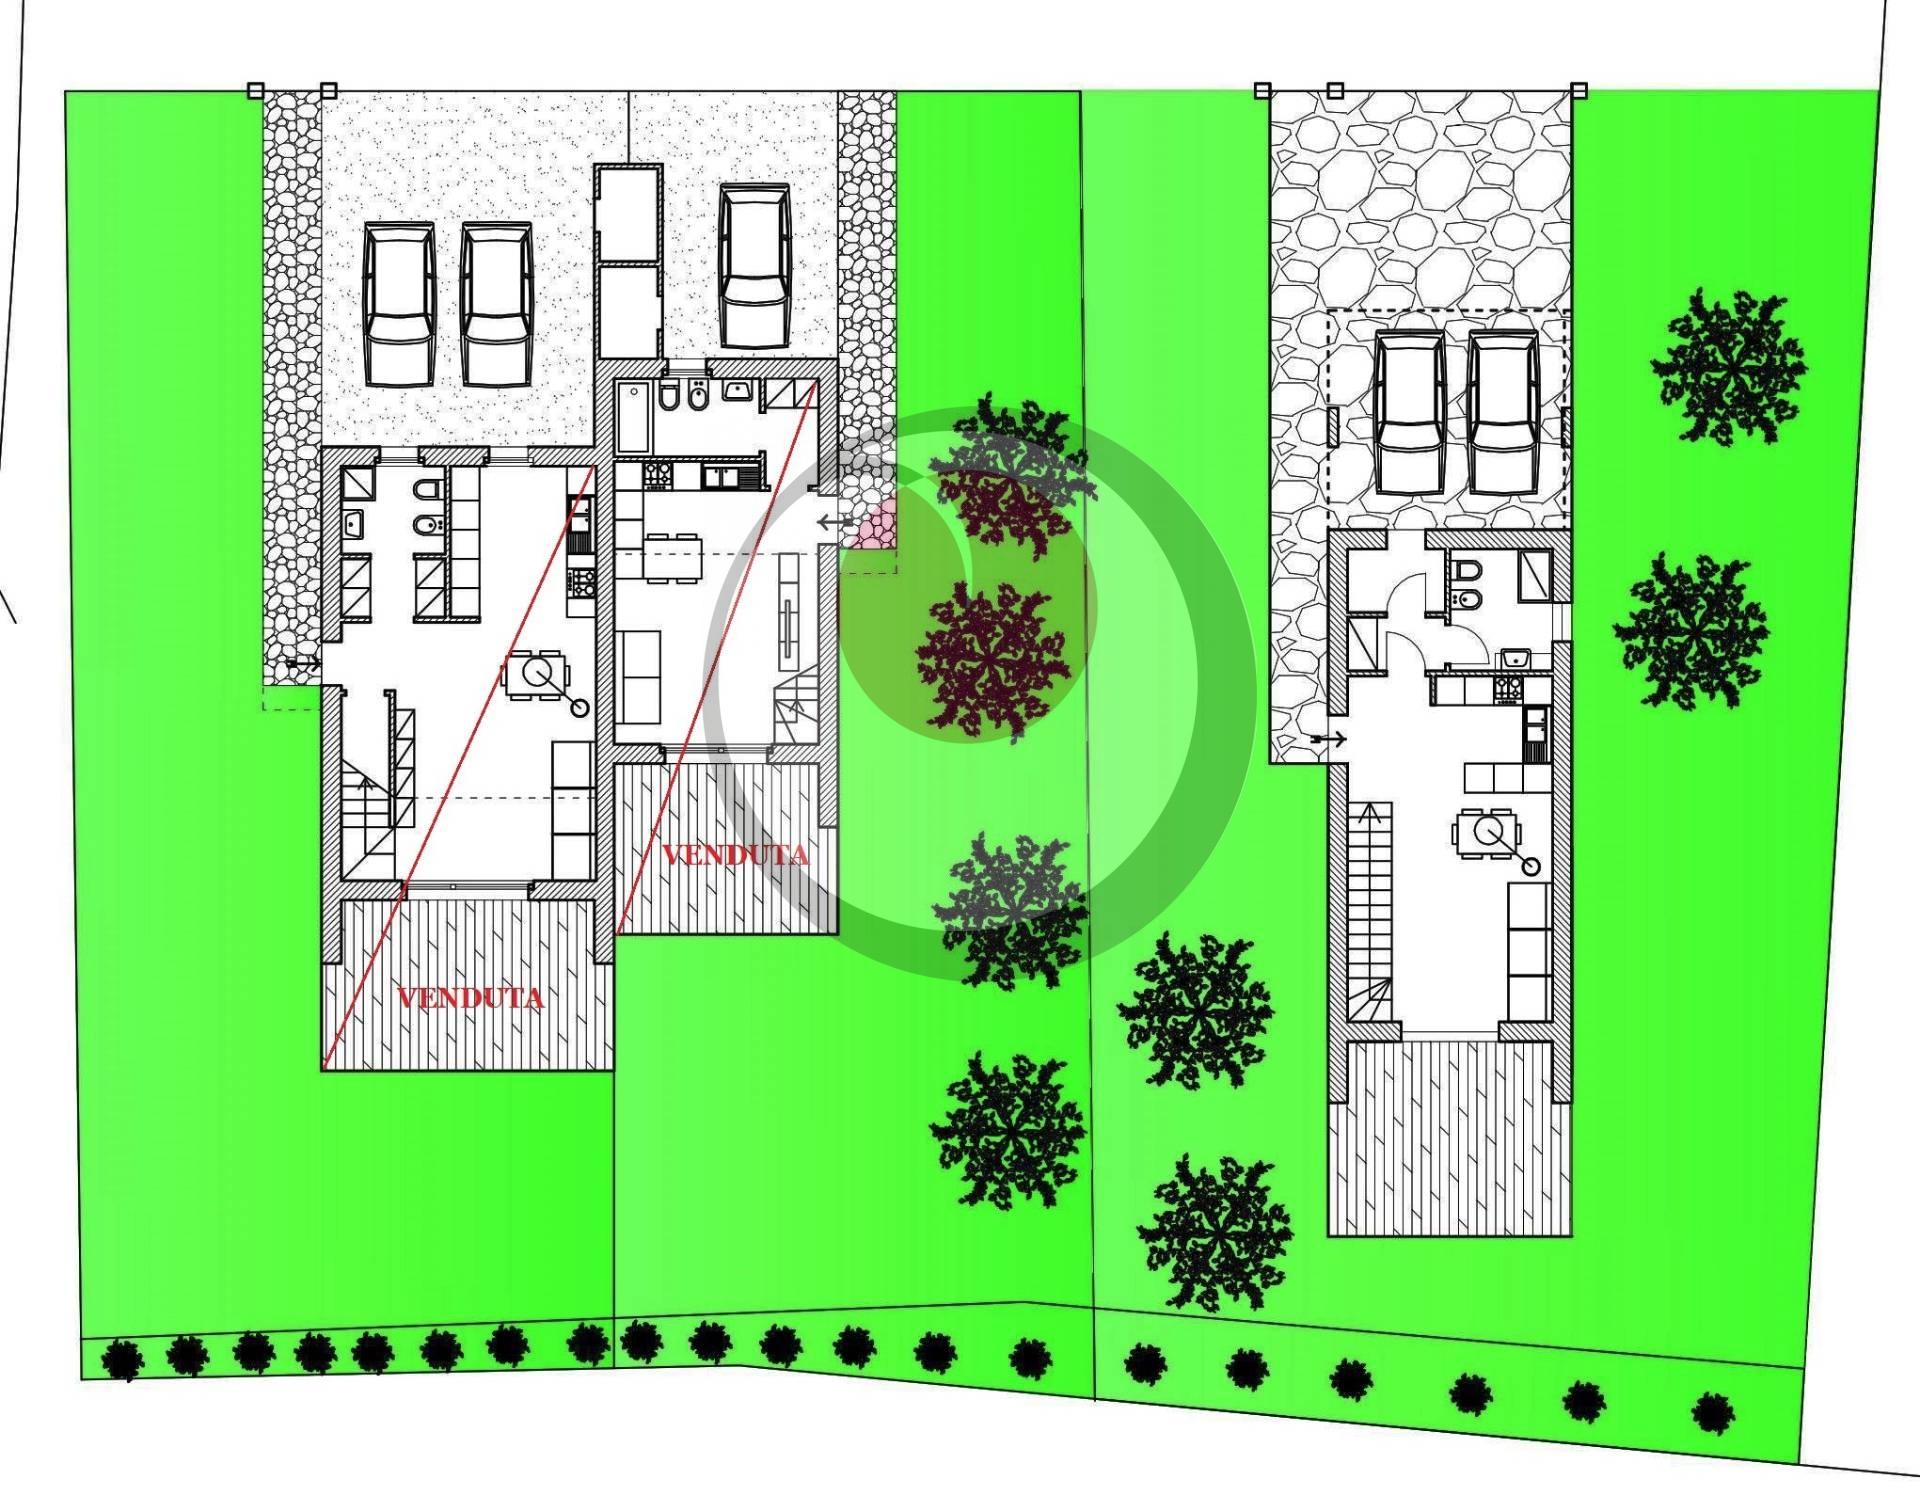 Villa in vendita a Lanciano, 3 locali, prezzo € 220.000 | CambioCasa.it